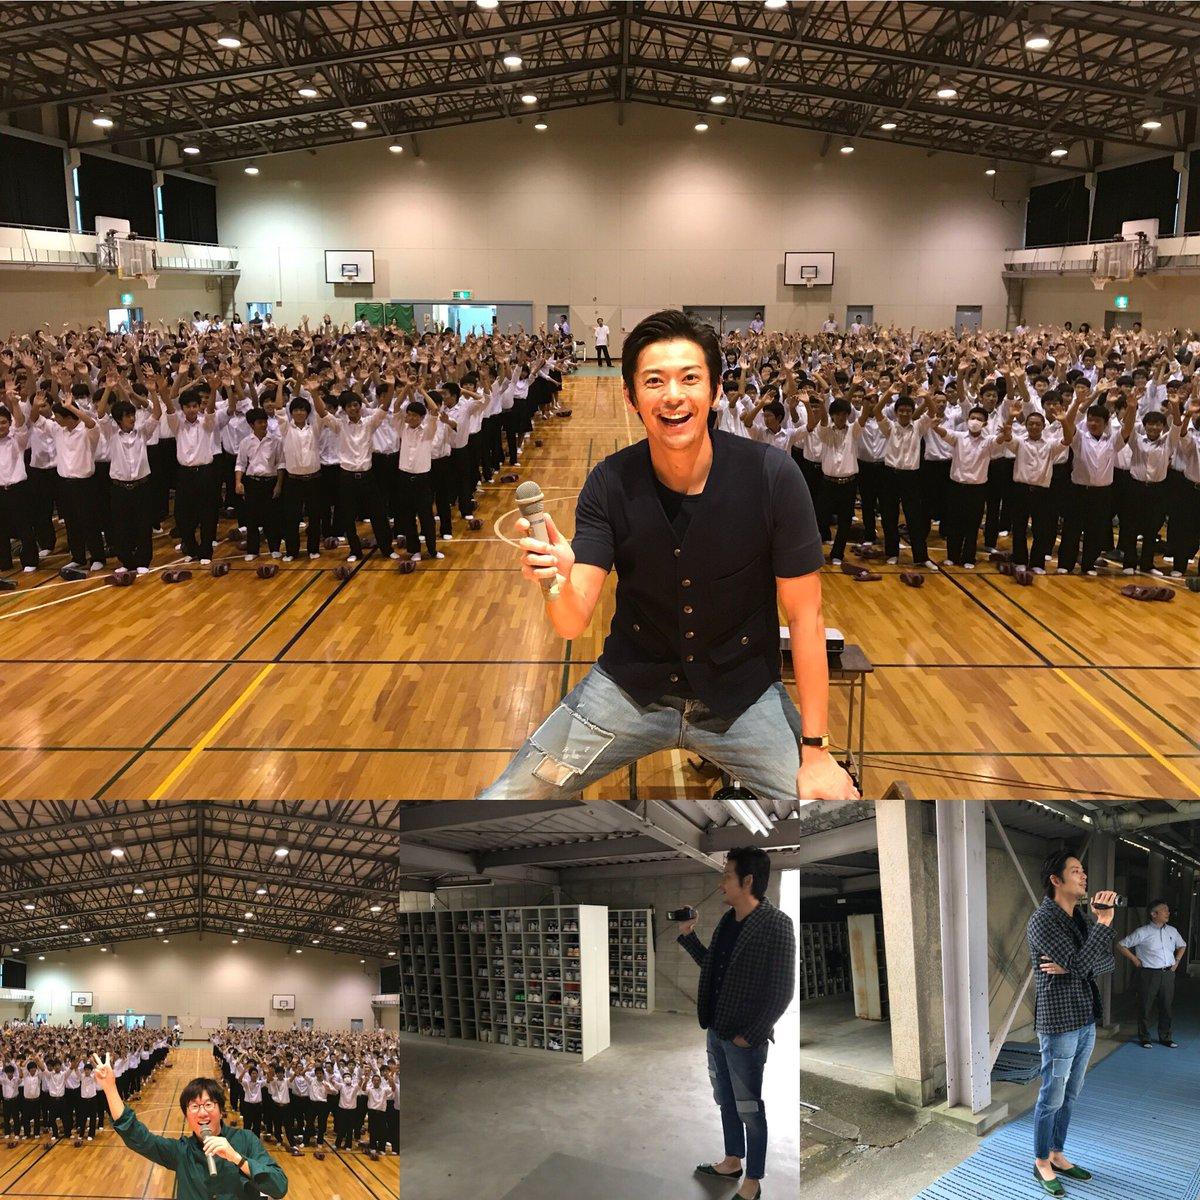 母校の大垣南高校で後輩達との楽しいひととき。 敦士も僕も、みんなにパワーもらいました! 南高!ありがとう! https://t.co/6WJlVja6yt